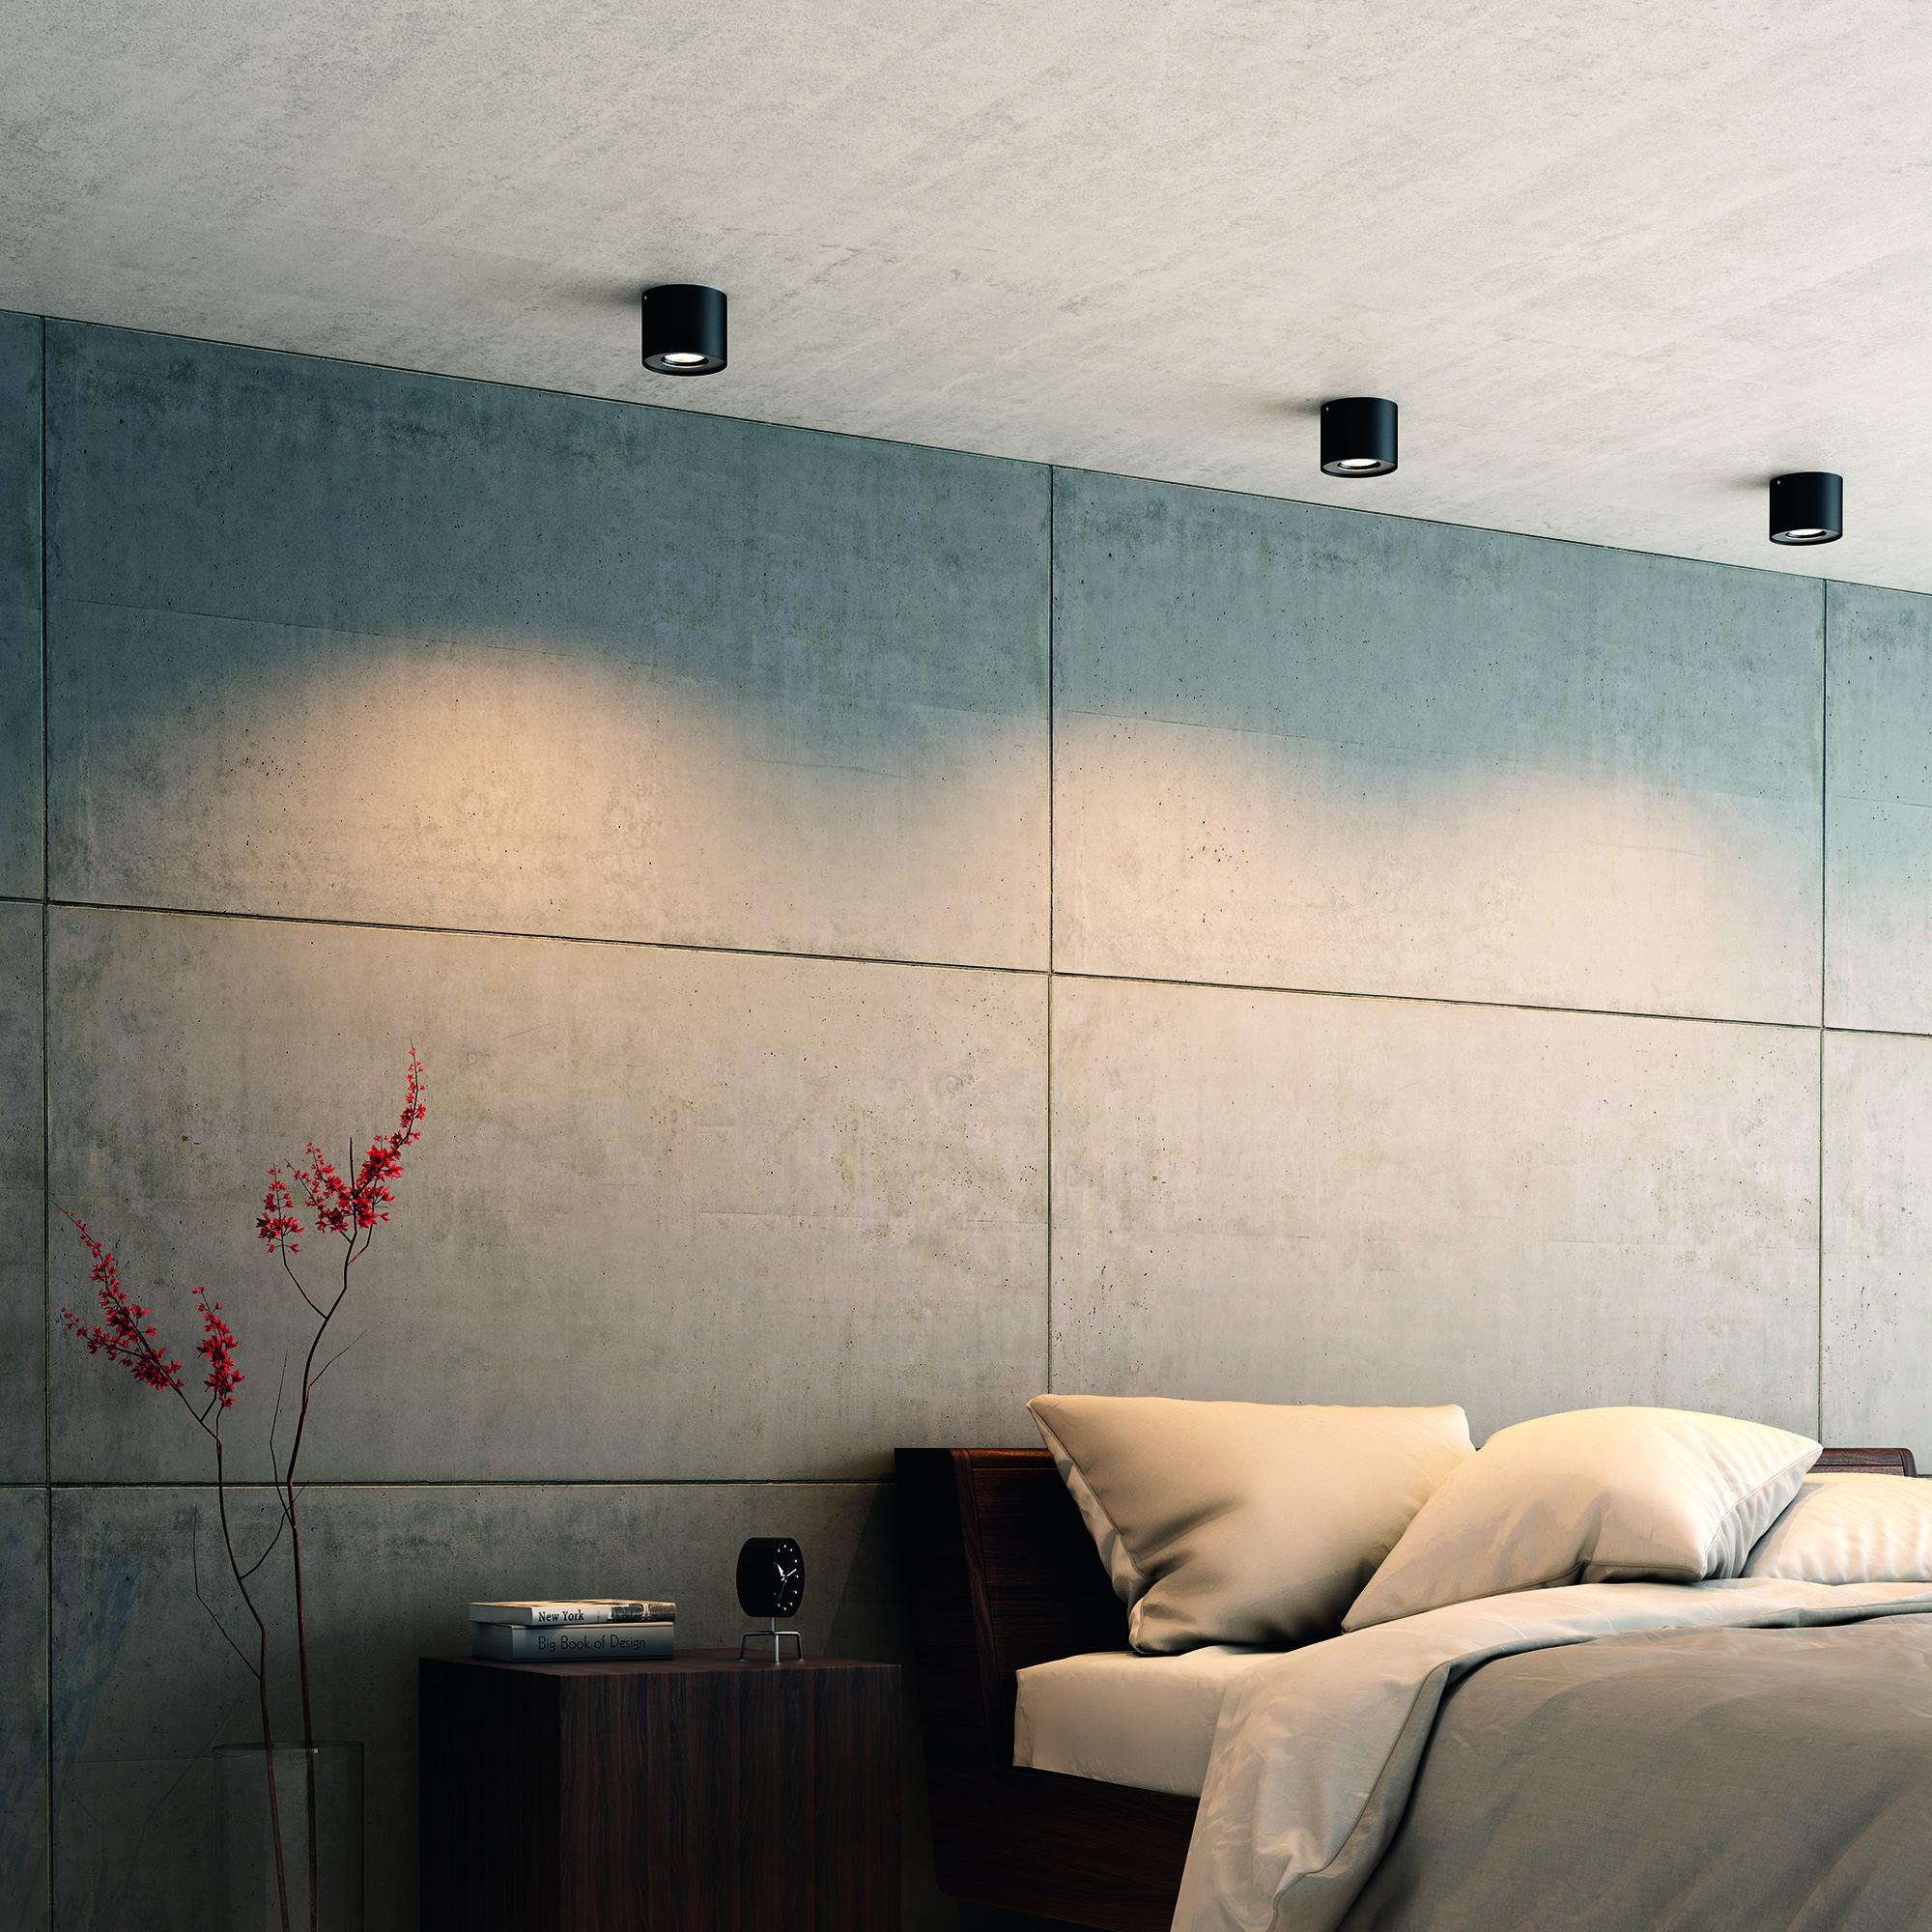 Phase Lampa Punktowa Design Oświetlenie Sypialnia